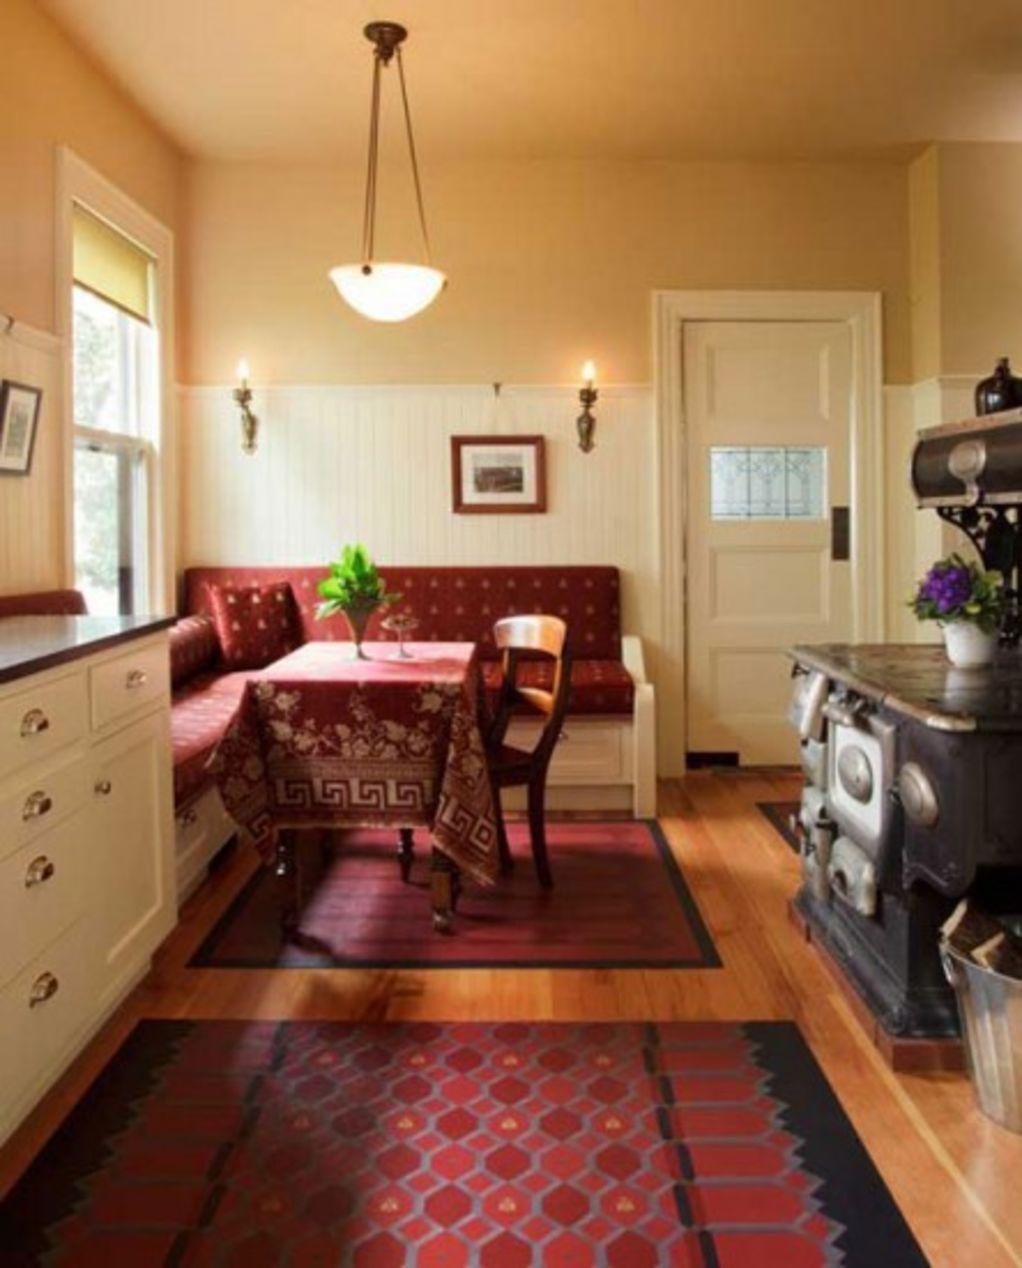 A Classic 1920s Kitchen   1920s kitchen, Home decor, 1920s ...